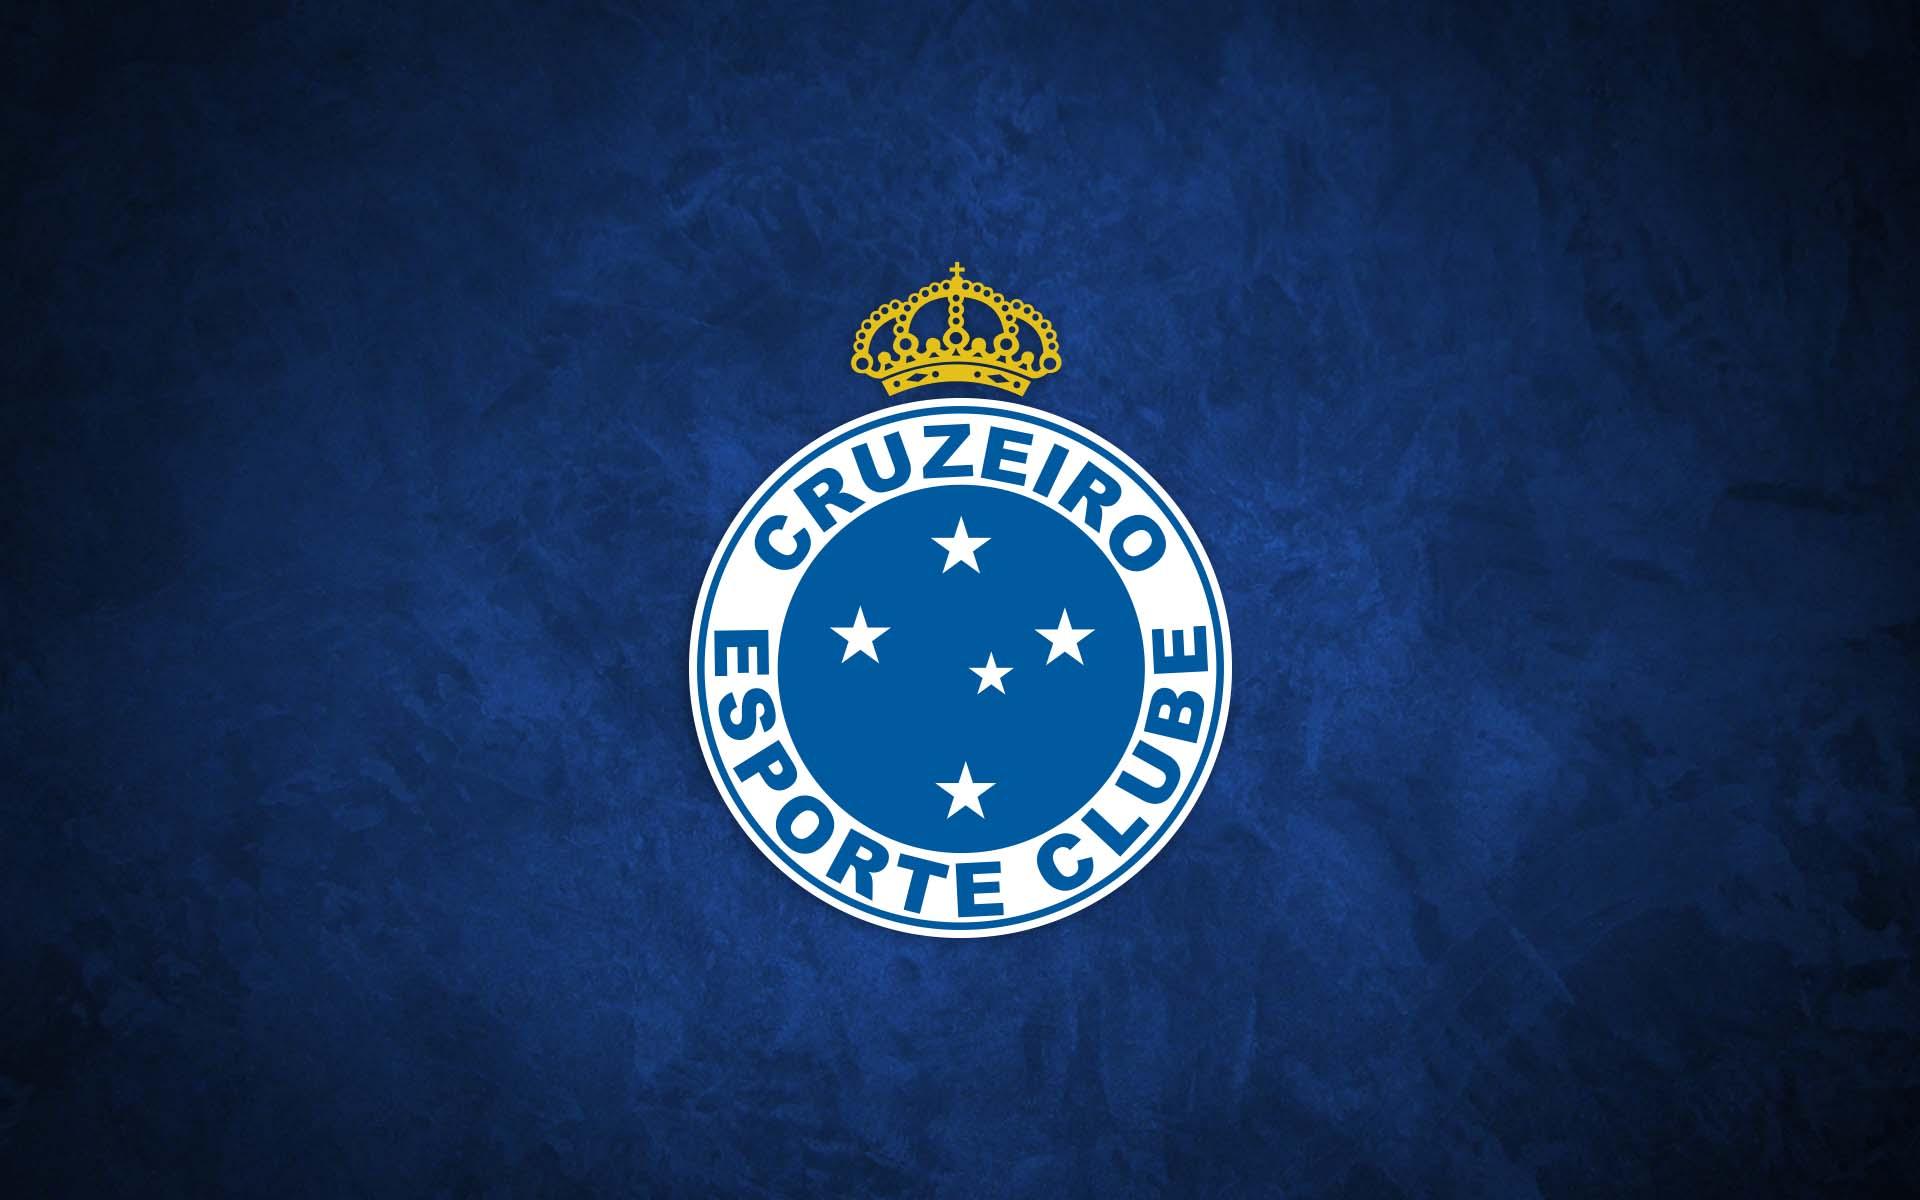 Em busca de paz, Cruzeiro enfrenta Juazeirense por vaga na Copa do Brasil